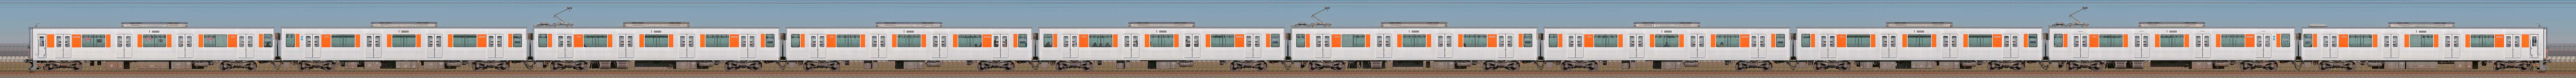 東武50000型51008編成(東上線・山側)の編成サイドビュー